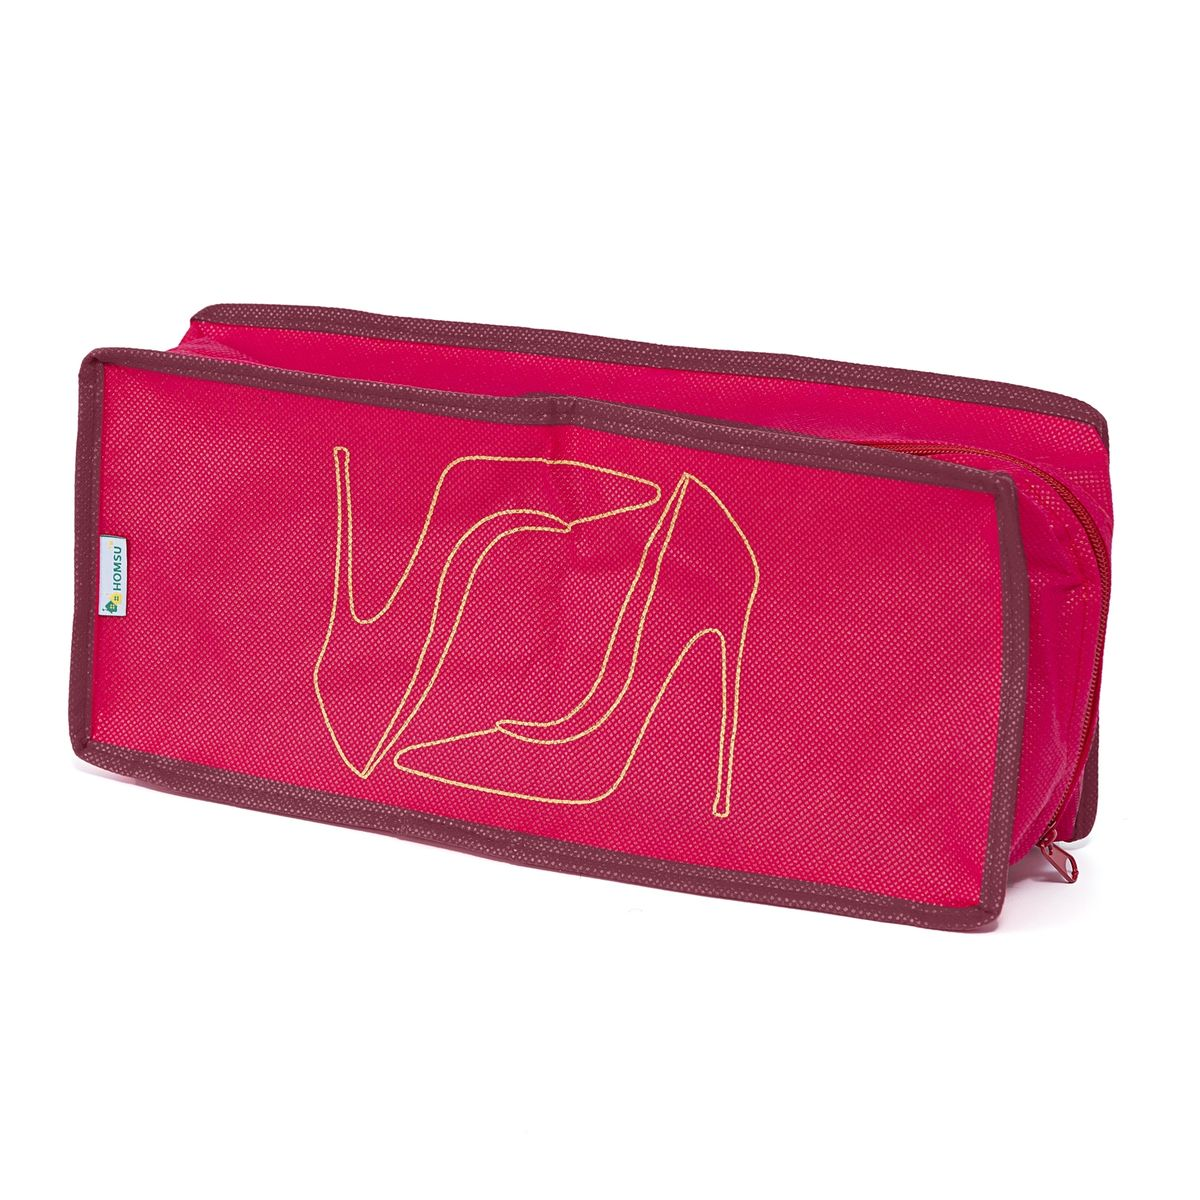 Органайзер для обуви Homsu Lady in Red, 35 х 15 х 11 смMW-3101Органайзер для обуви Homsu Lady in Red выполнен из спанбонда и картона. Органайзер для обуви удобно вмещает в себя одну пару обуви, он не проницаемый для влаги и грязи и поможет полноценно сберечь вашу обувь как в домашнем хранении, так и во время транспортировки.